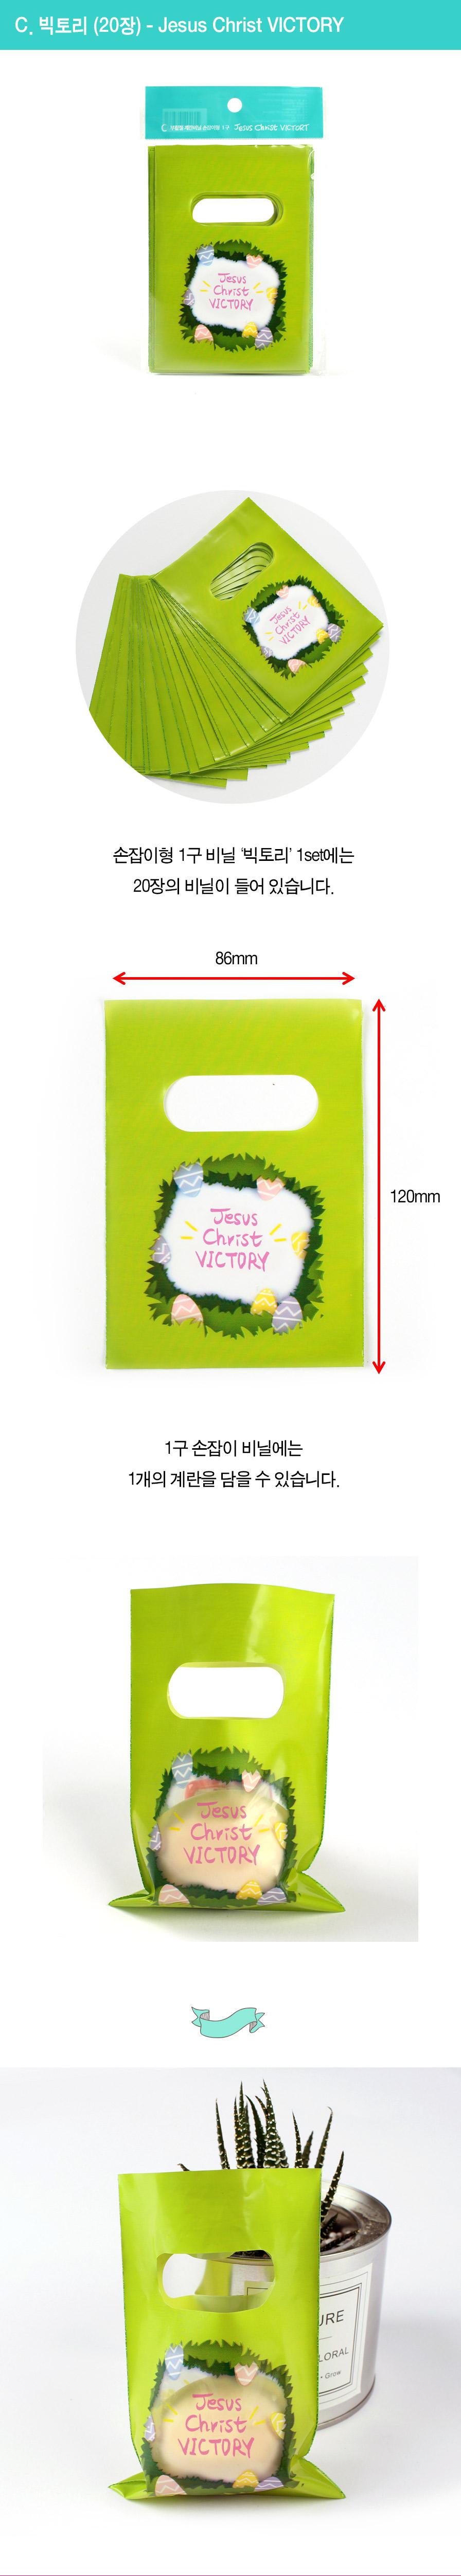 부활절 교회선물 포장재 1구 손잡이비닐 C.빅토리 상세보기